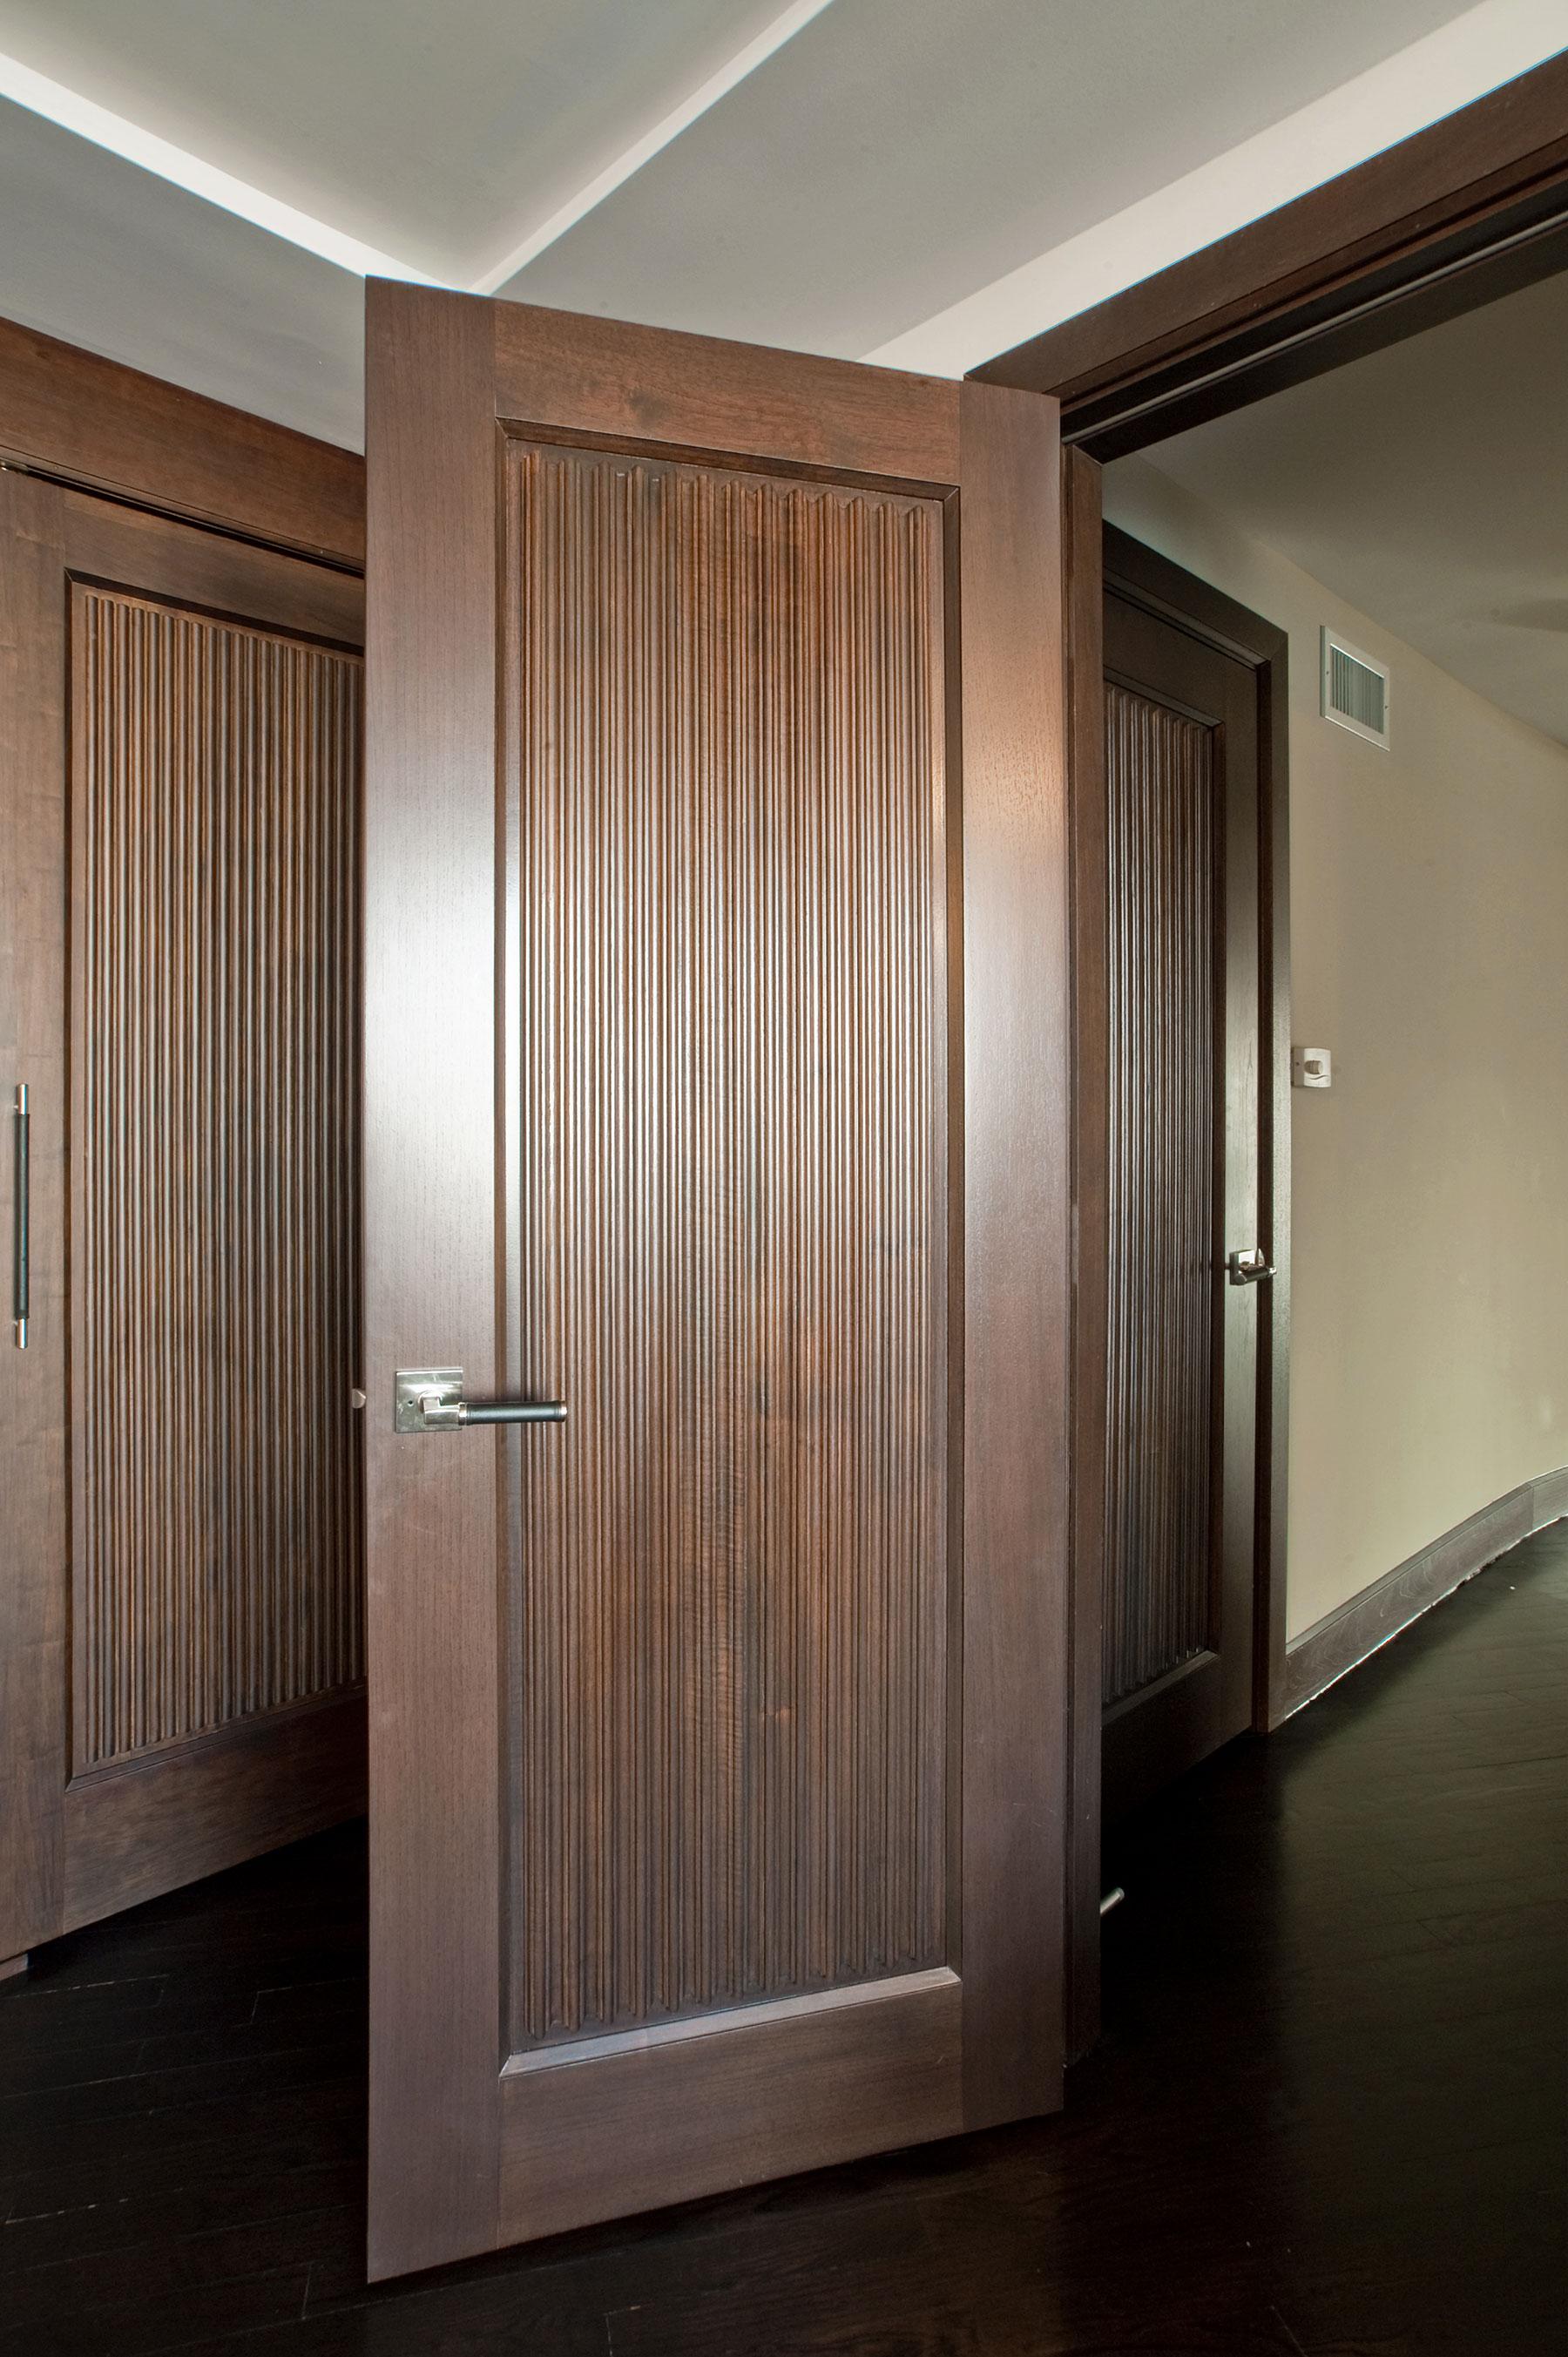 Custom Wood Interior Doors | Custom Interior Solid Wood Door Custom Ridges DBI-580 - Glenview Doors - Custom Doors in Chicago